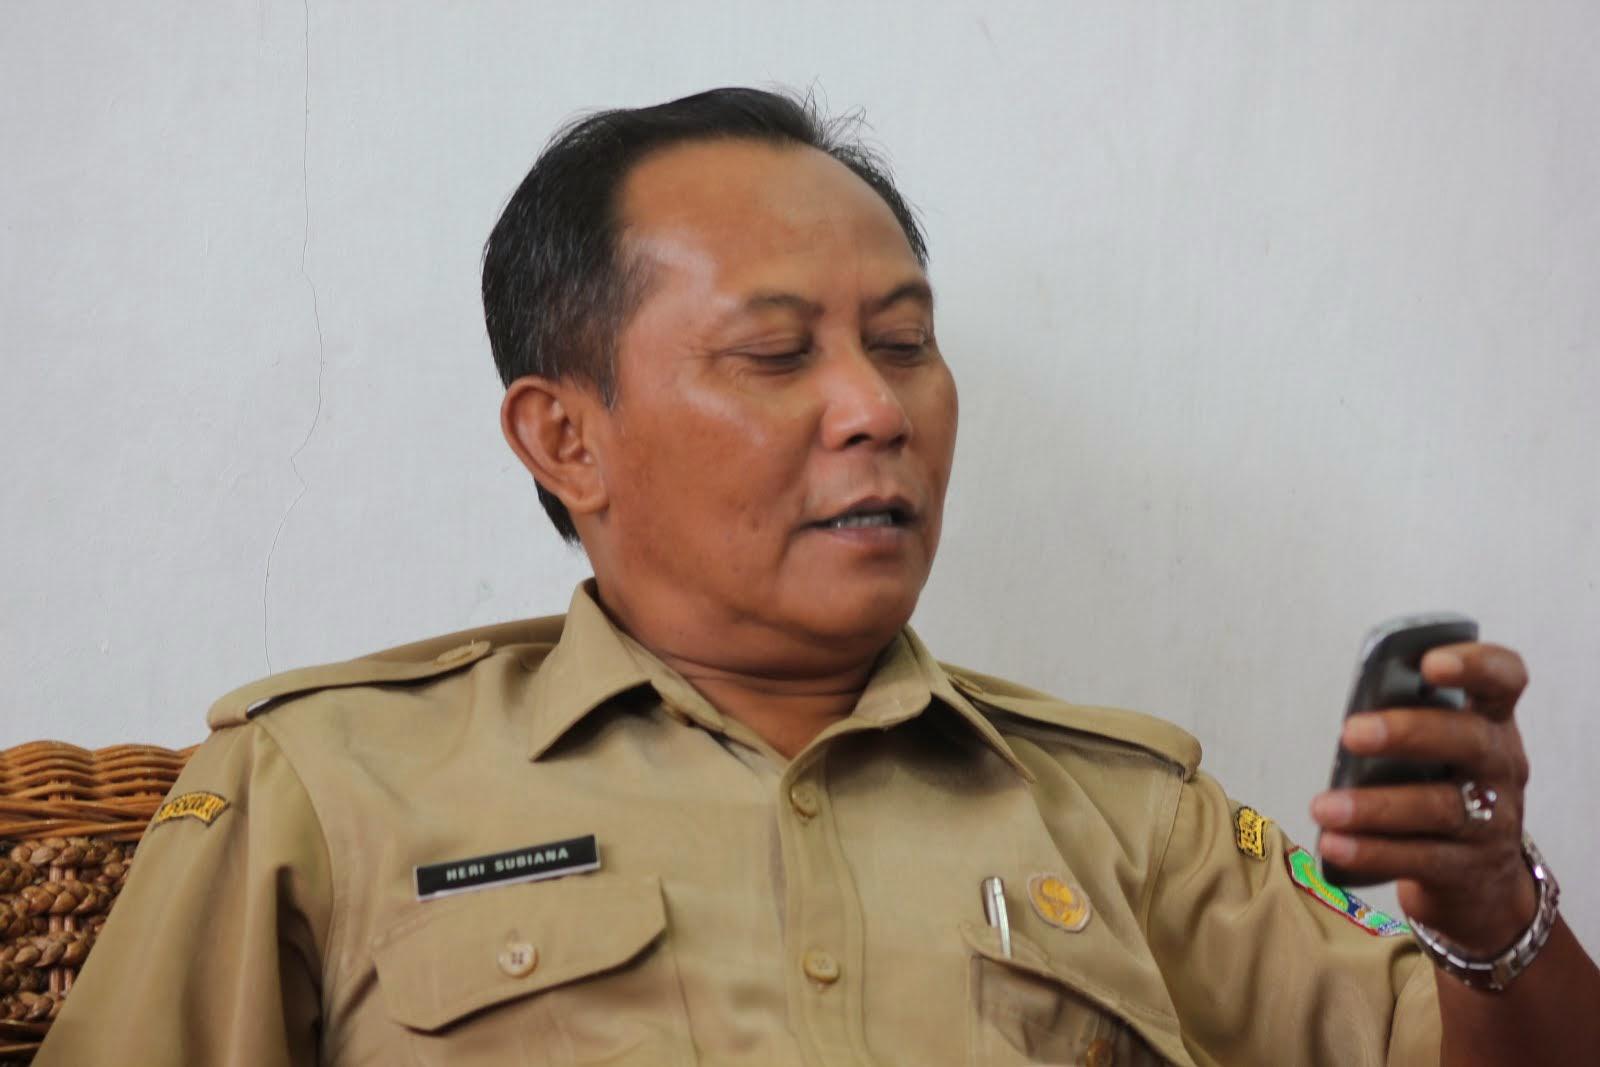 Heri Subiyana,M.Pd